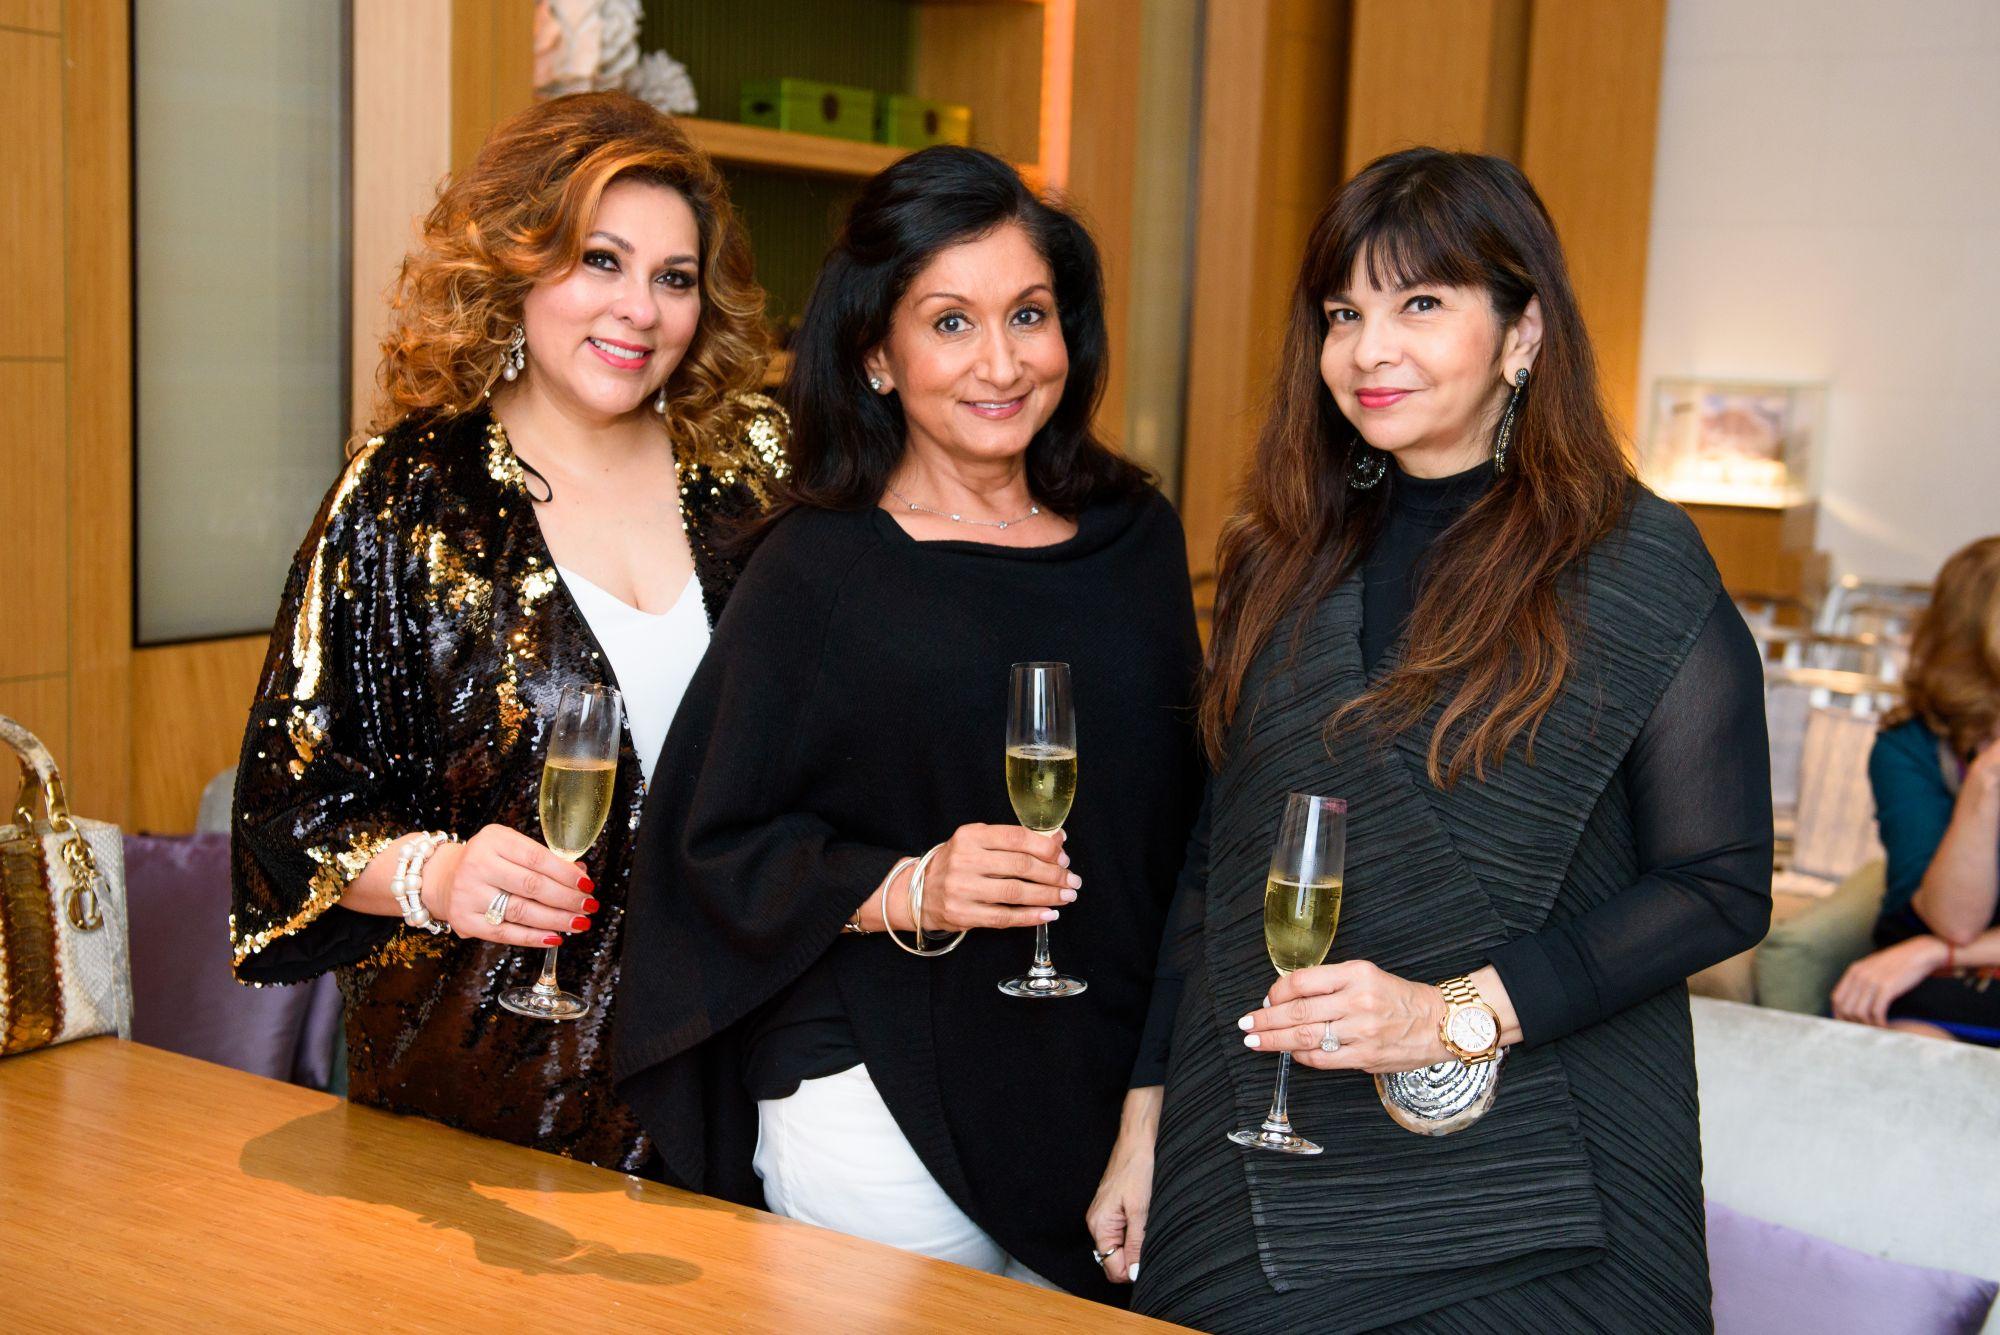 Rina Wadhwani, Abha Kopp, Sandra Spence